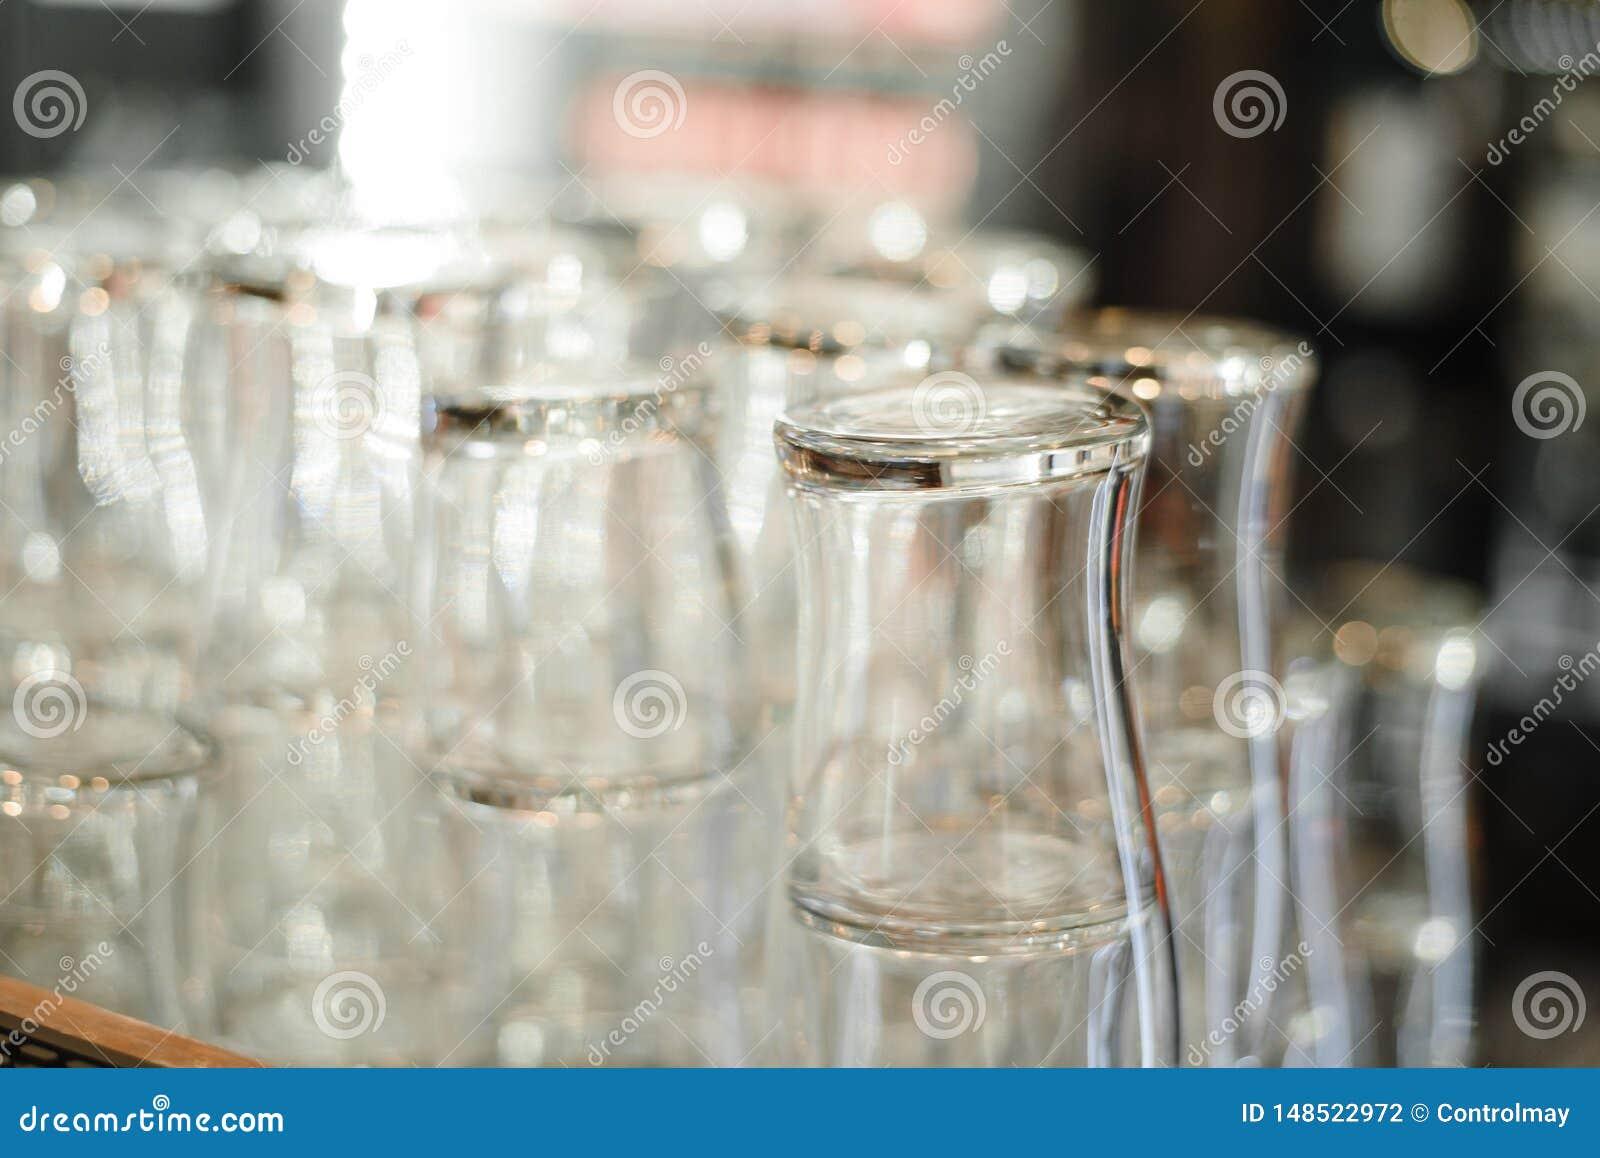 Gläser für Alkohol und Cocktails